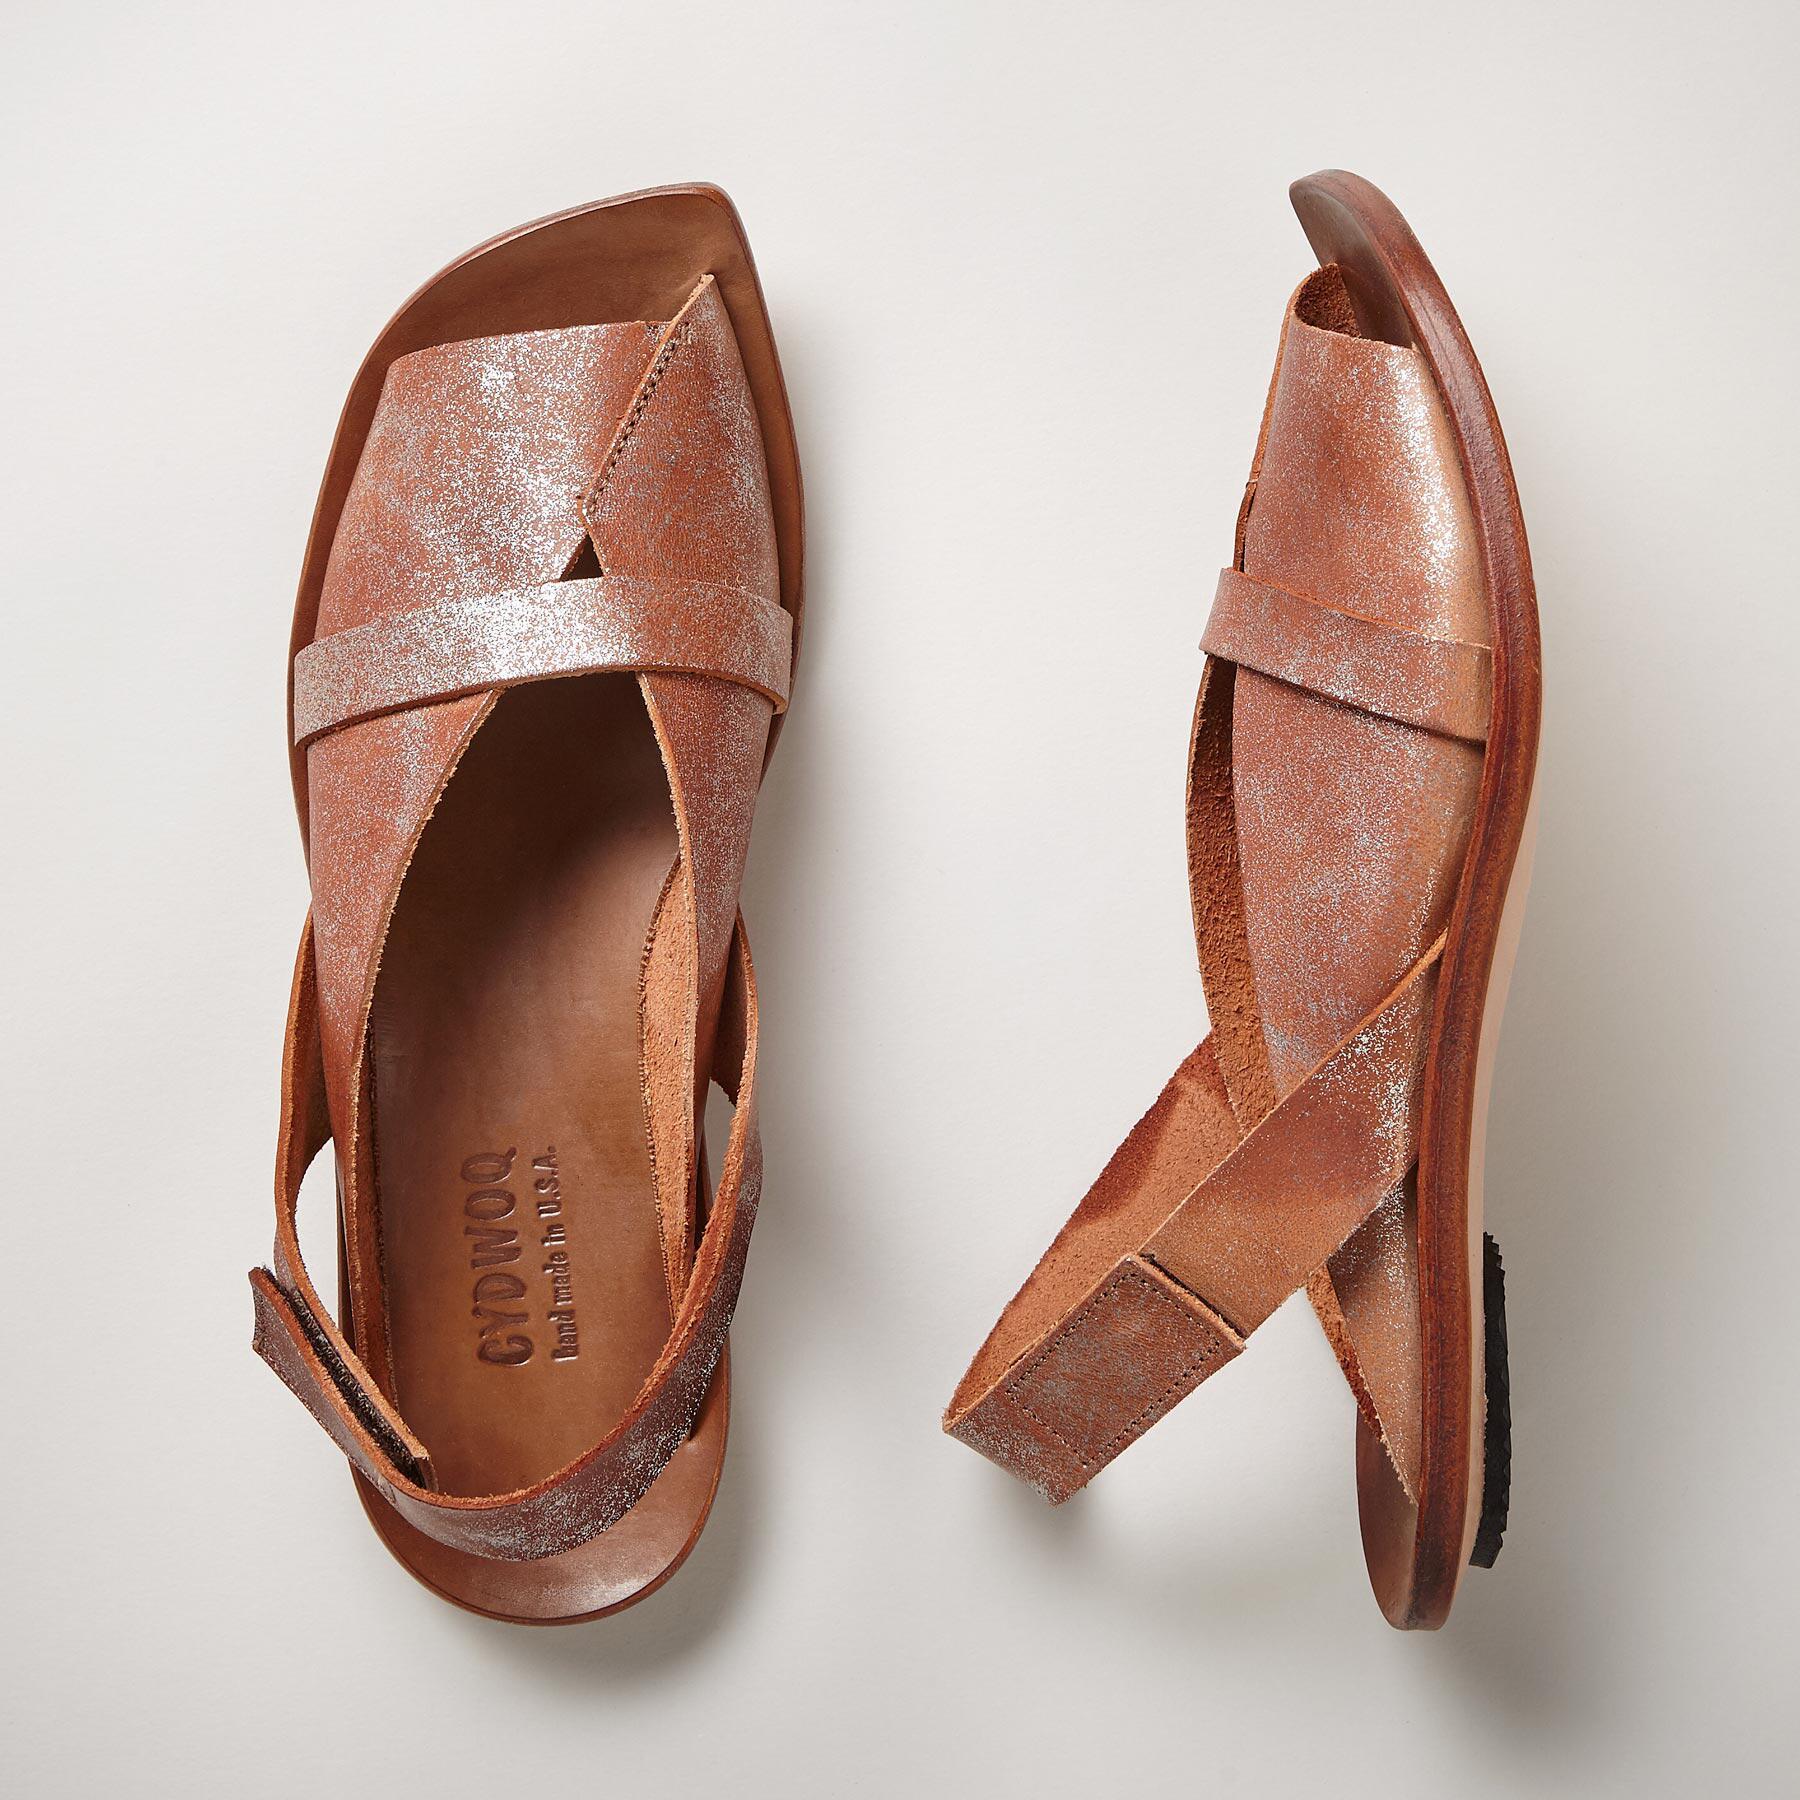 9dc21a334181b Cydwoq Sandals - Buy Best Cydwoq Sandals from Fashion Influencers   Brick &  Portal